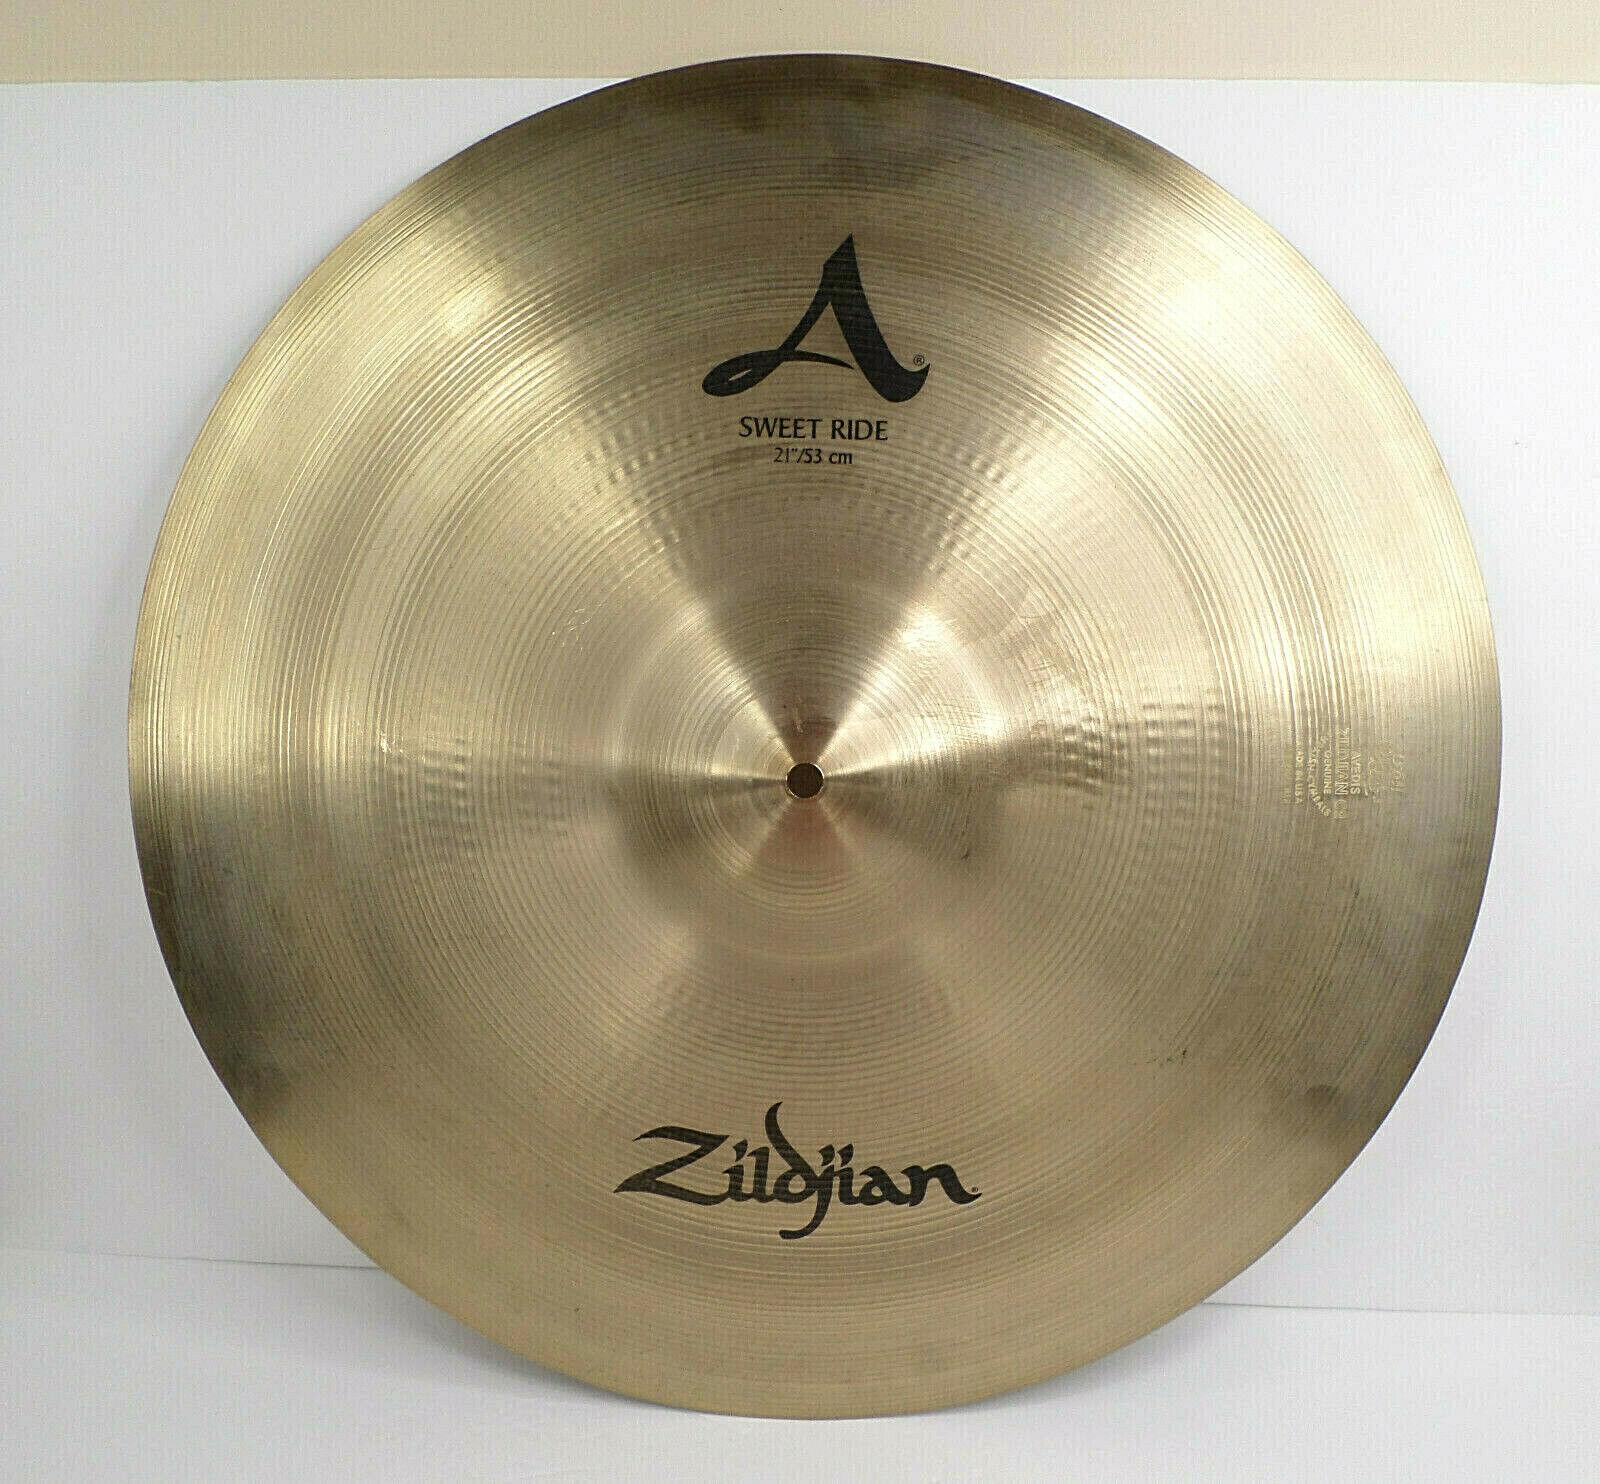 Zildjian 21 53cm Sweet Ride Cymbal - USED - Great Sound Zildjian A - $229.00